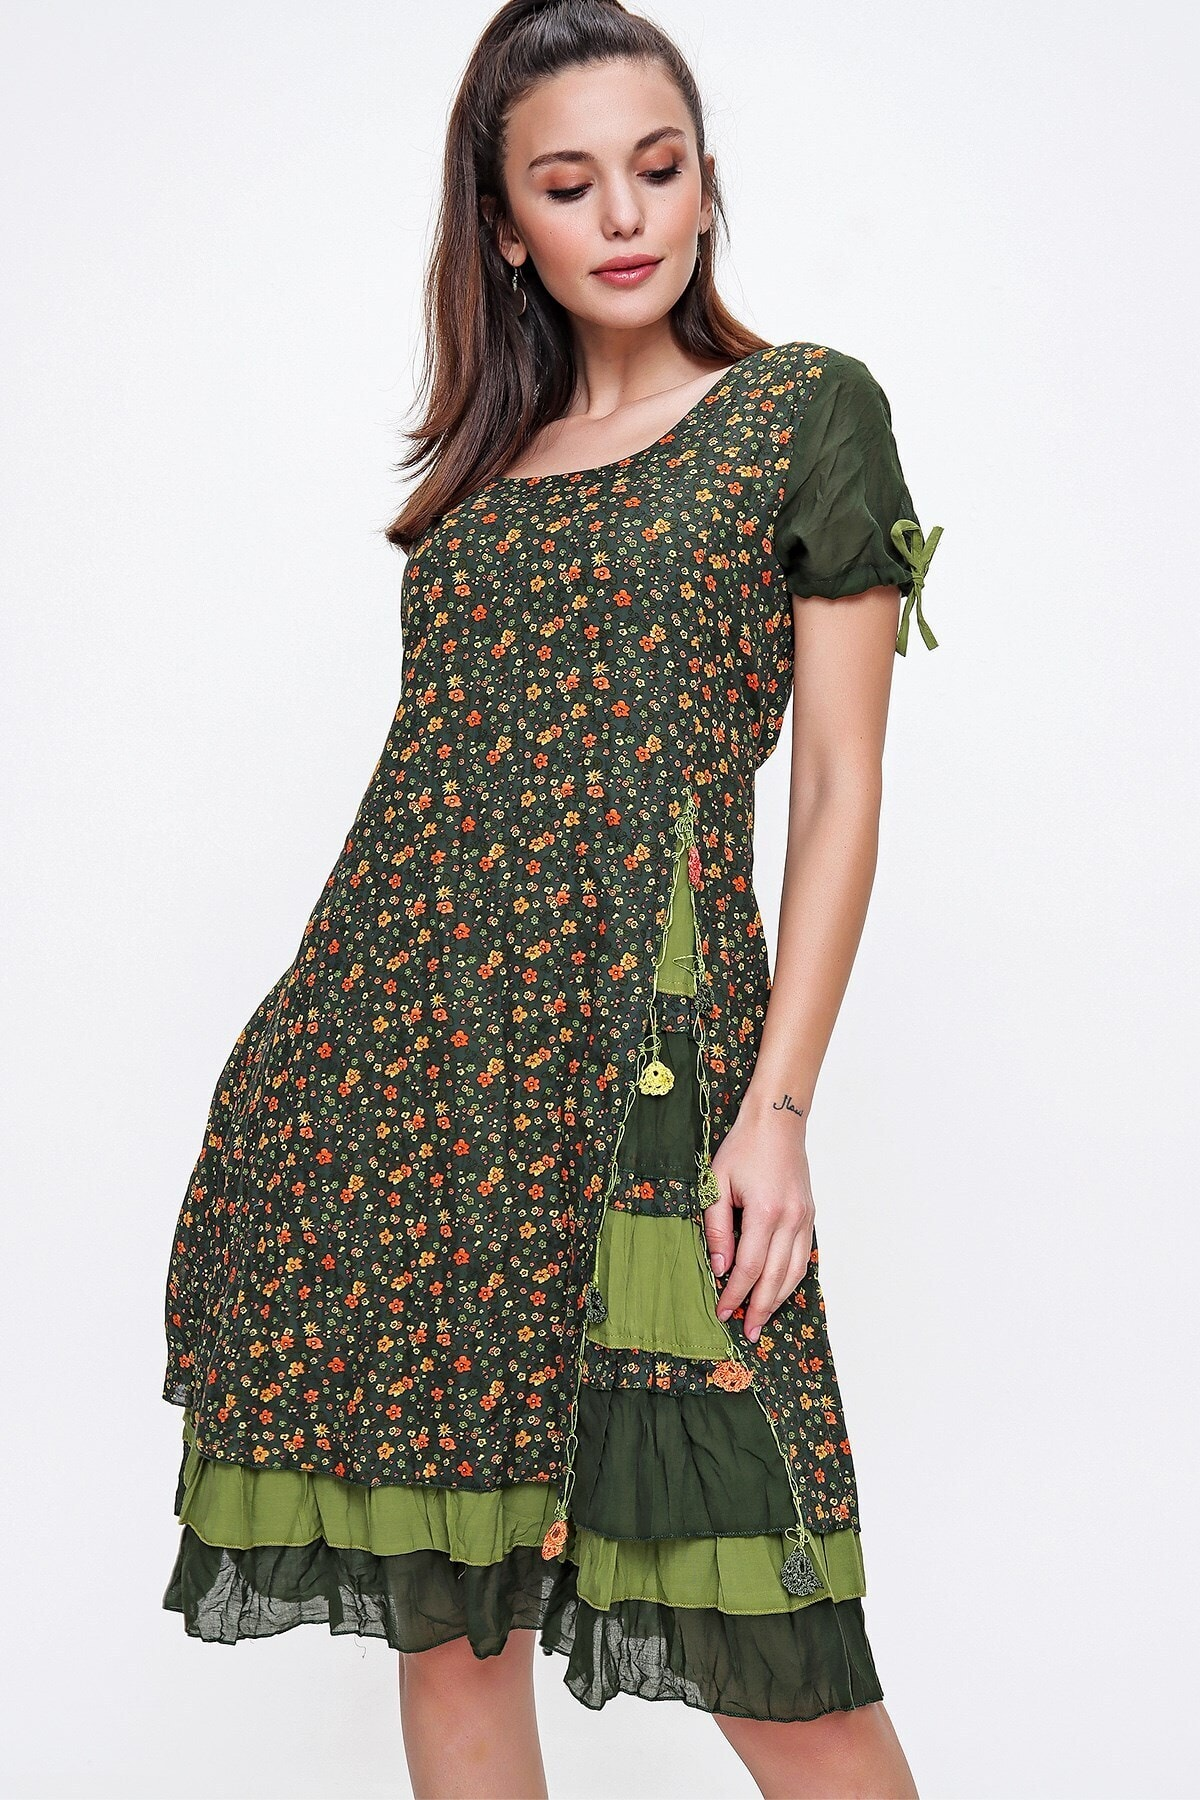 Kadın Haki Kolları Büzgülü Kat Kat Etekli Çiçekli Otantik Elbise